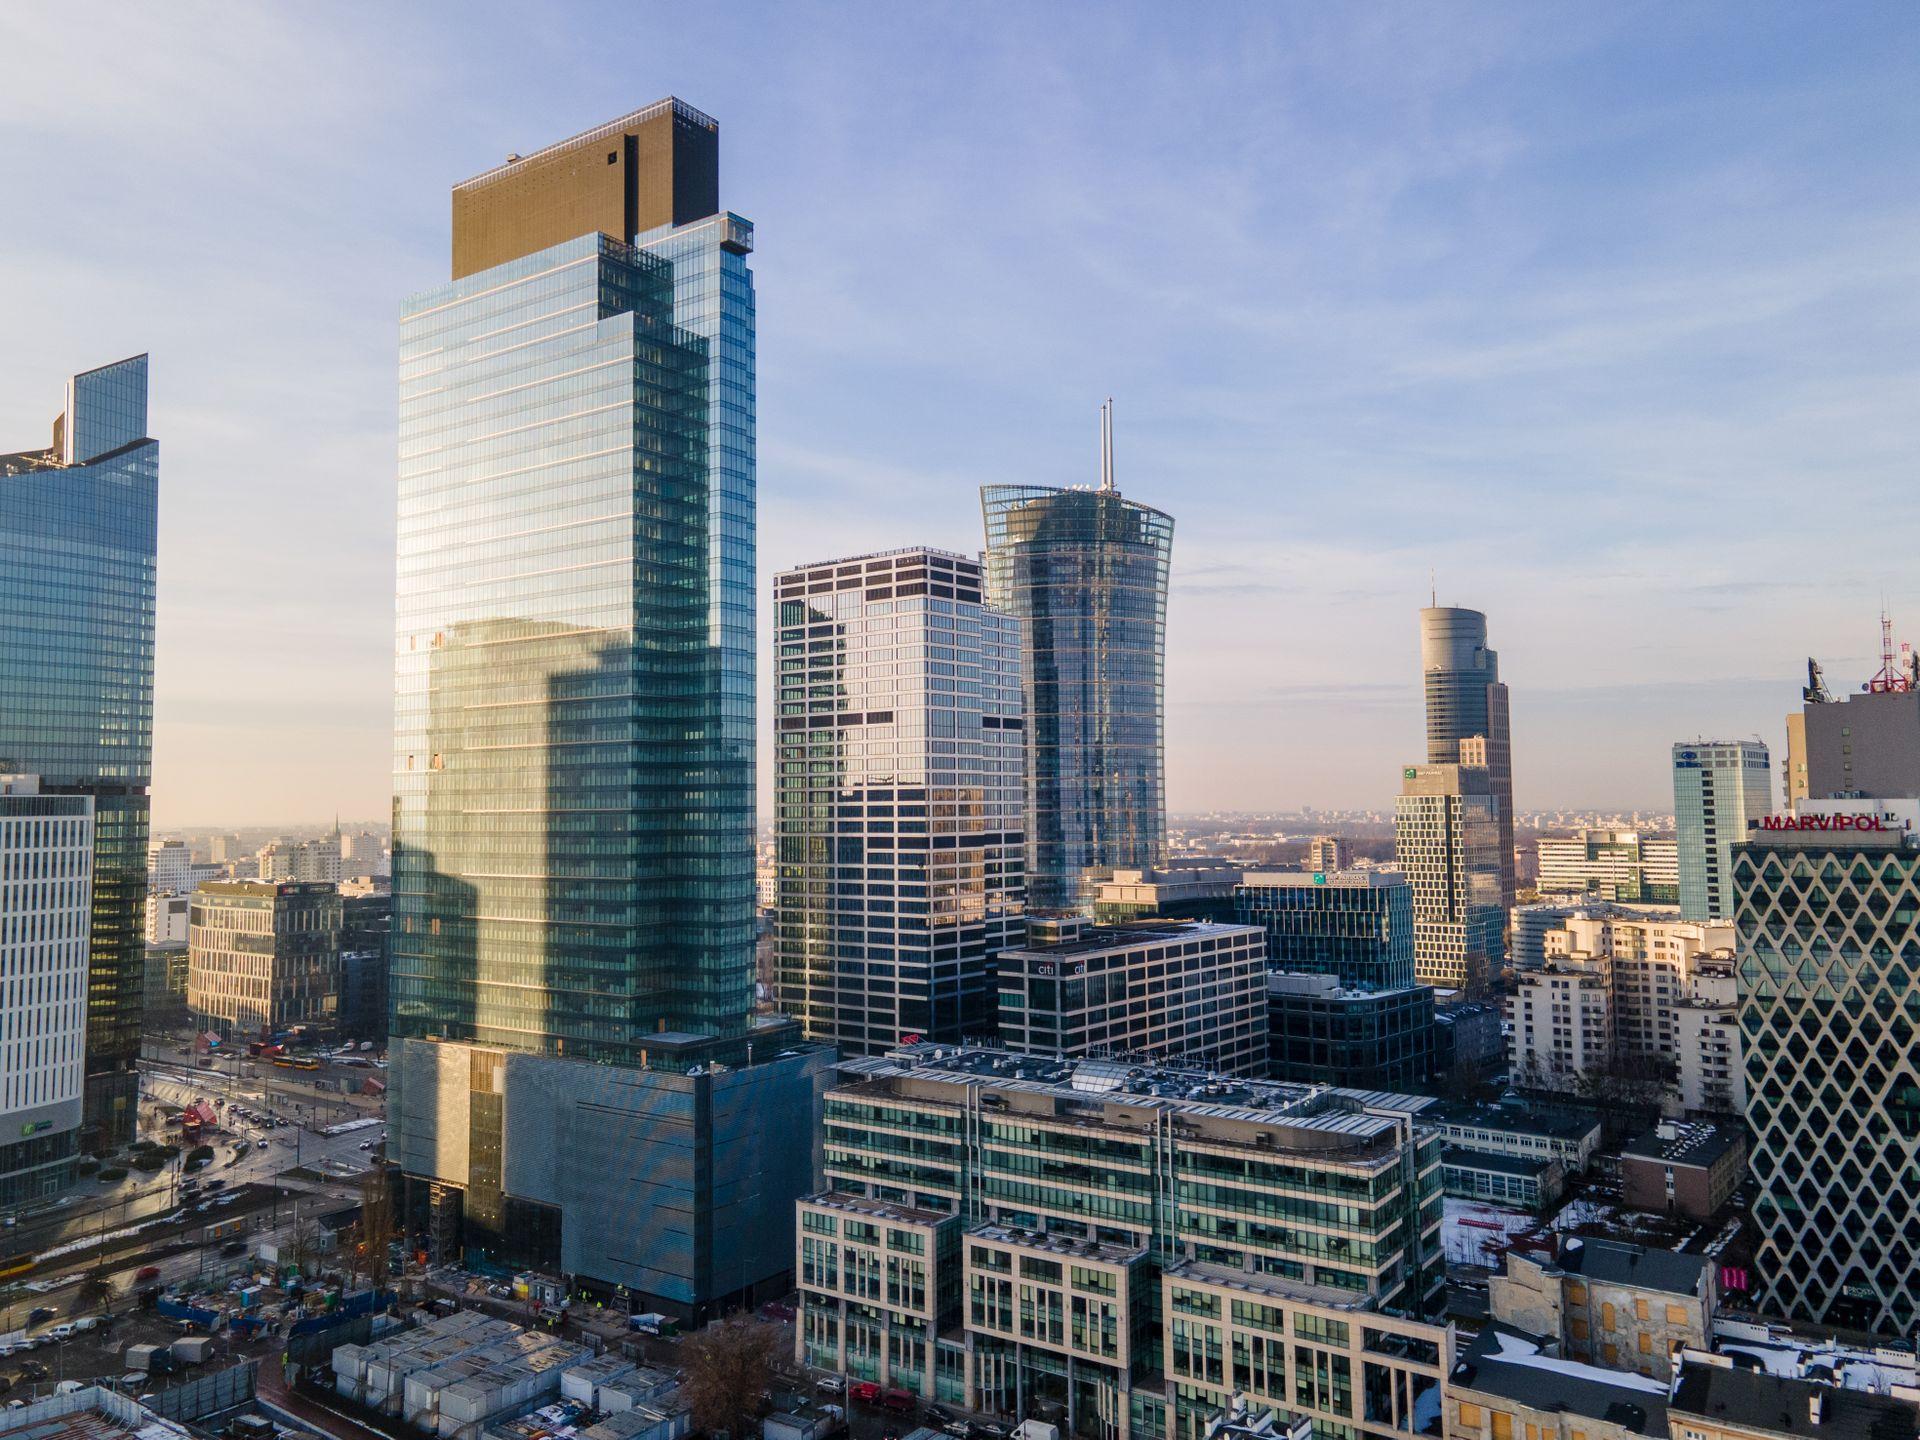 W Warszawie powstaje 202-metrowy biurowiec Warsaw Unit [FILM]